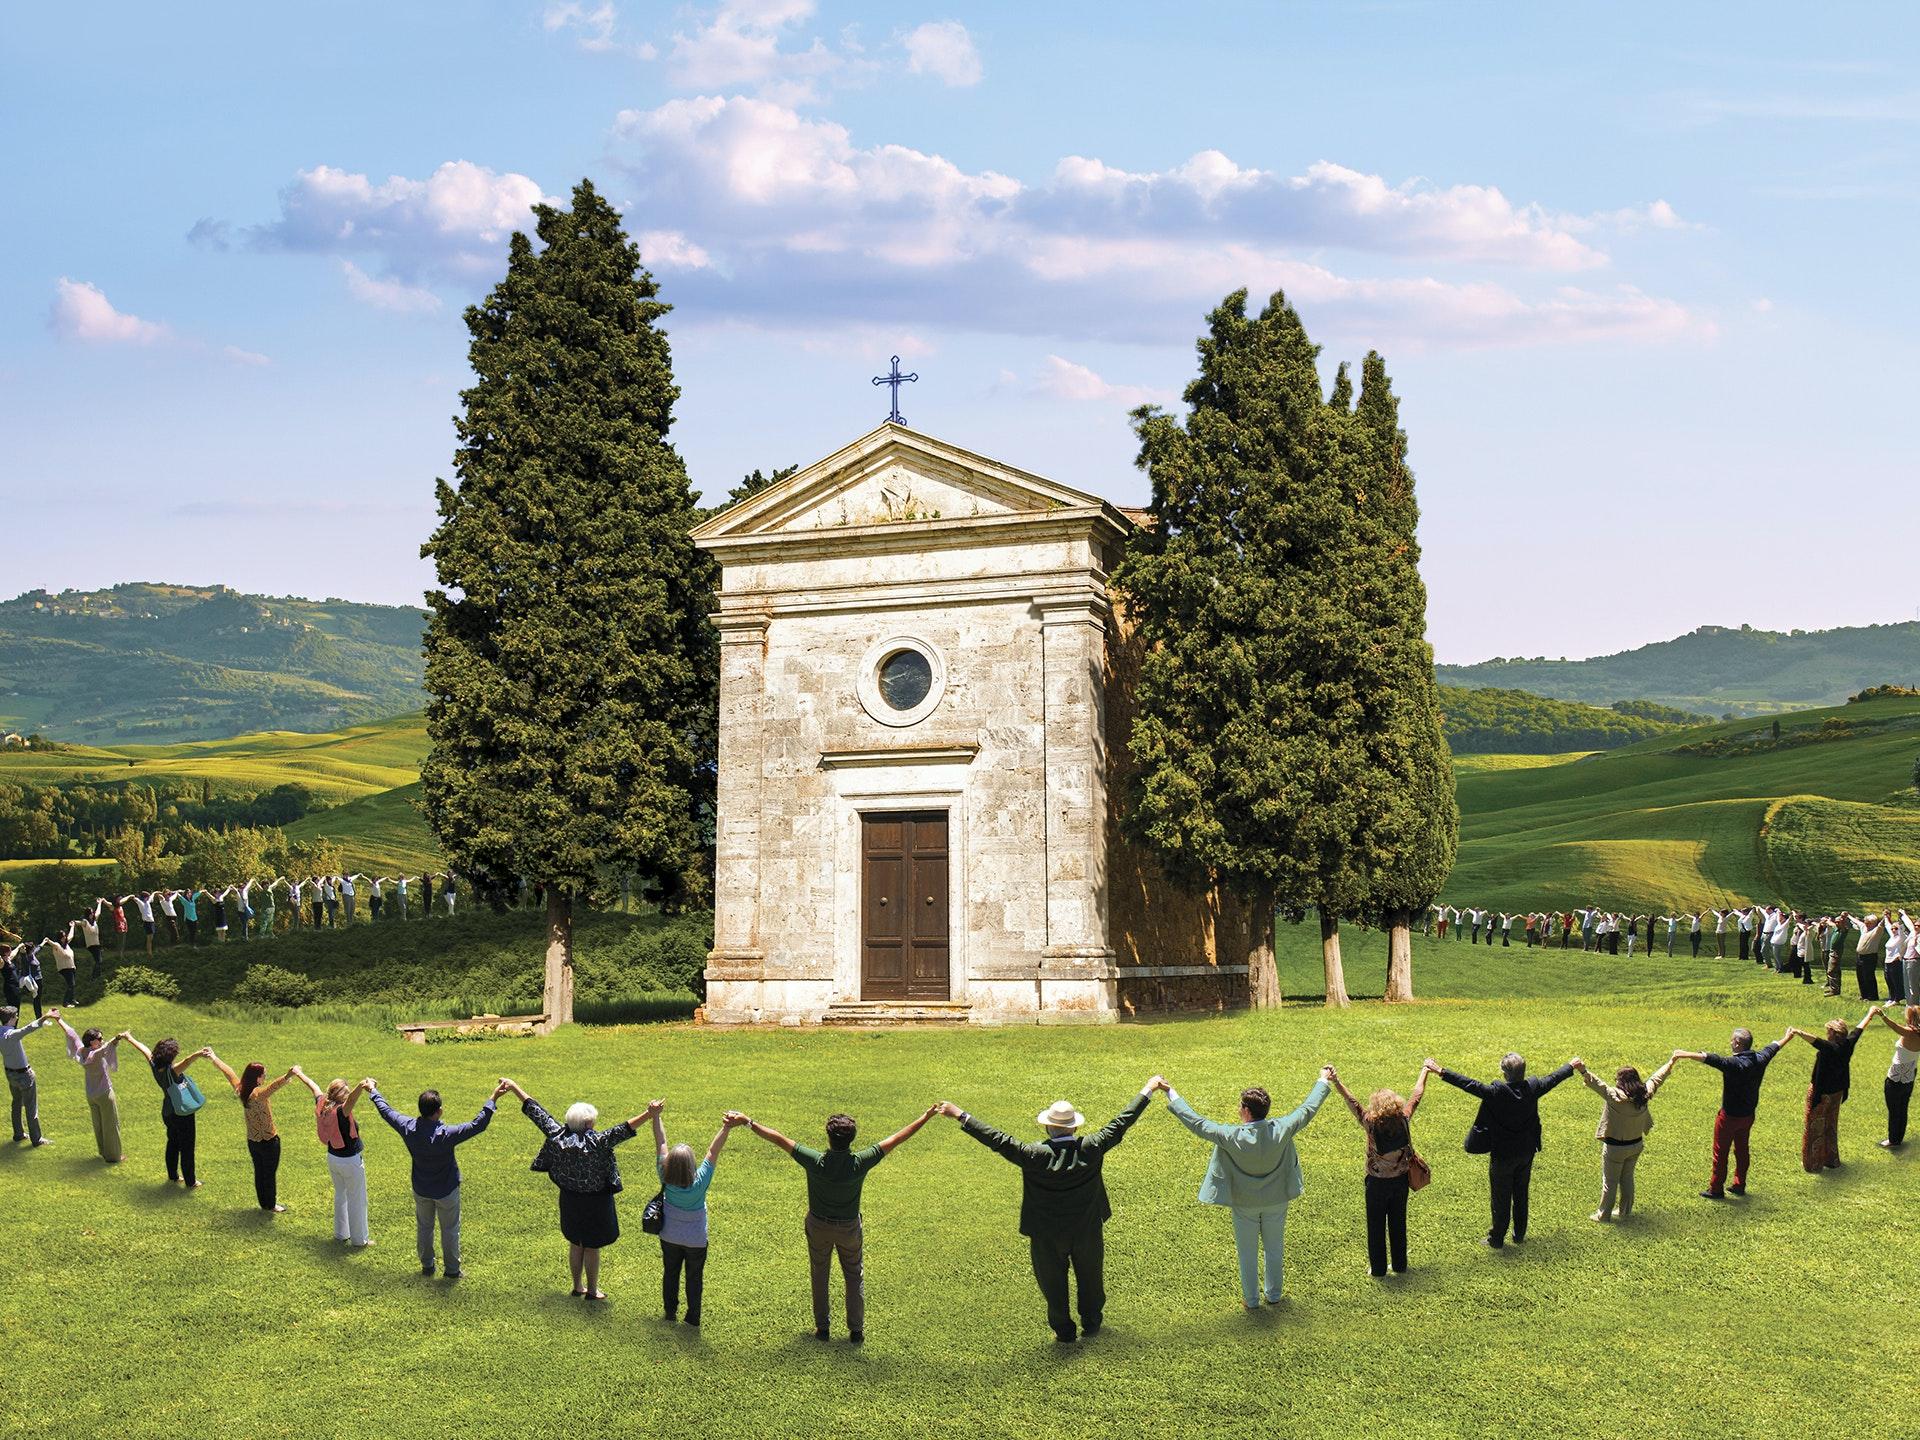 I luoghi del cuore al sud Italia: aggiornamento di fine estate